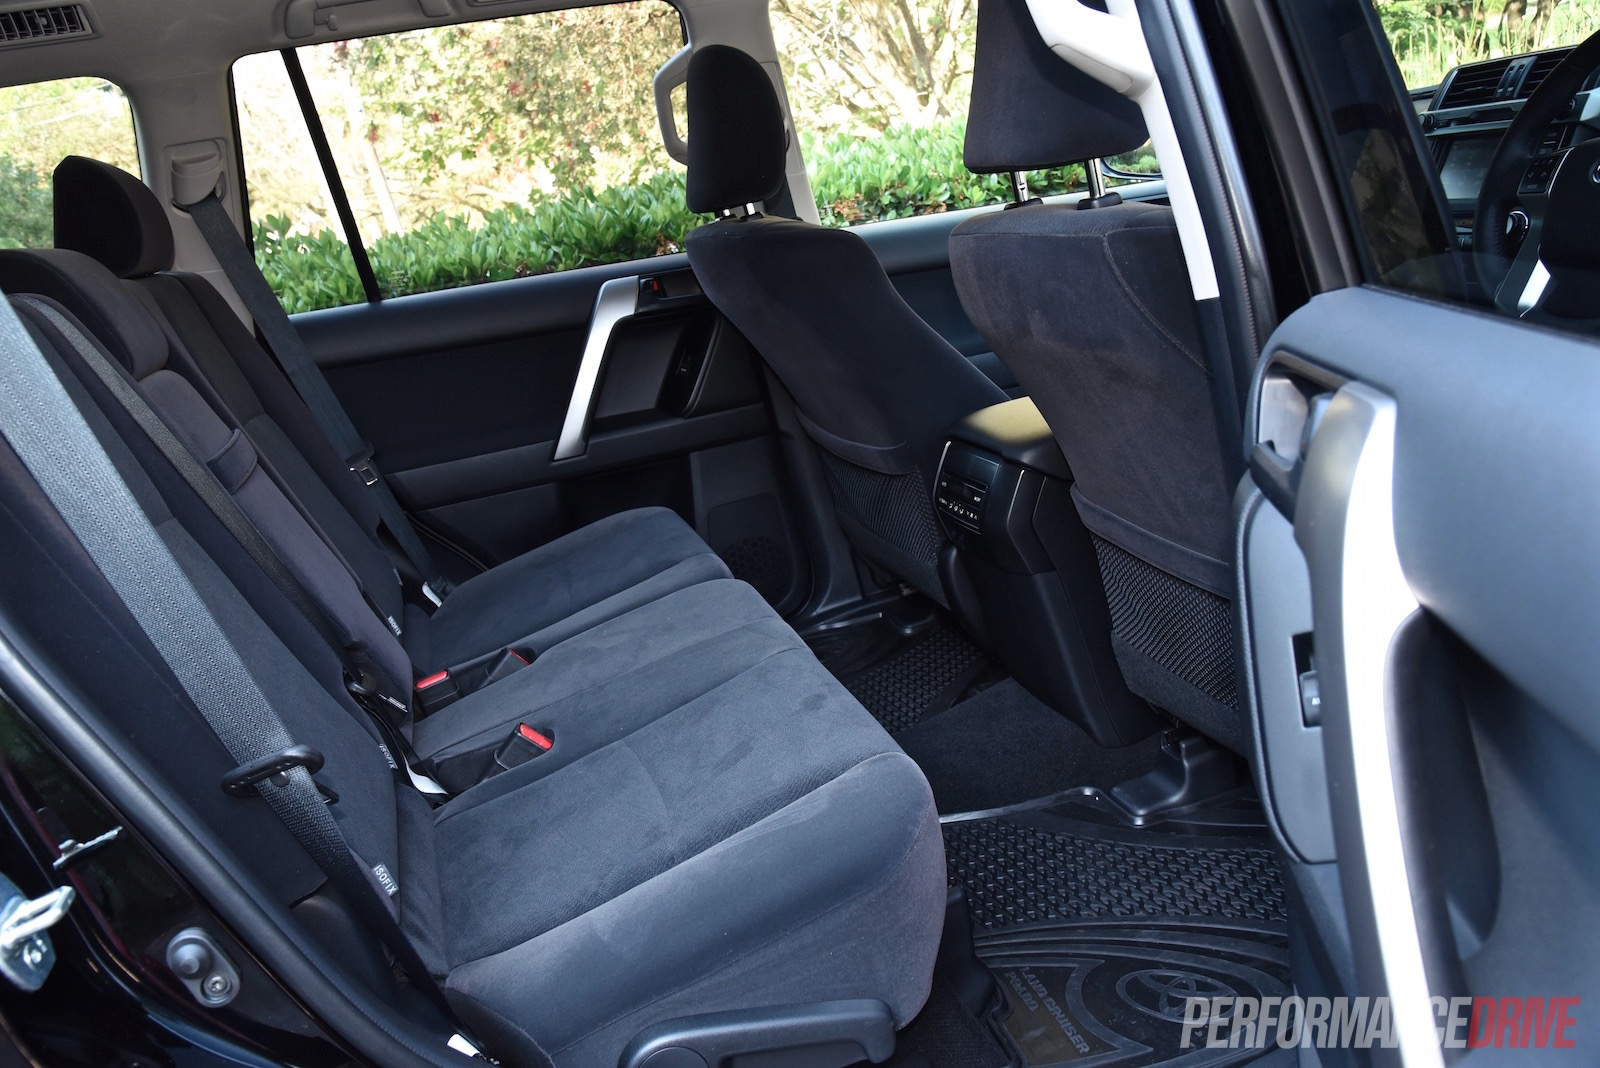 2016 Toyota Landcruiser Prado 28 Review Video Performancedrive Renault Scenic Wiring Diagram Under Passenger Seat Gxl Rear Seats